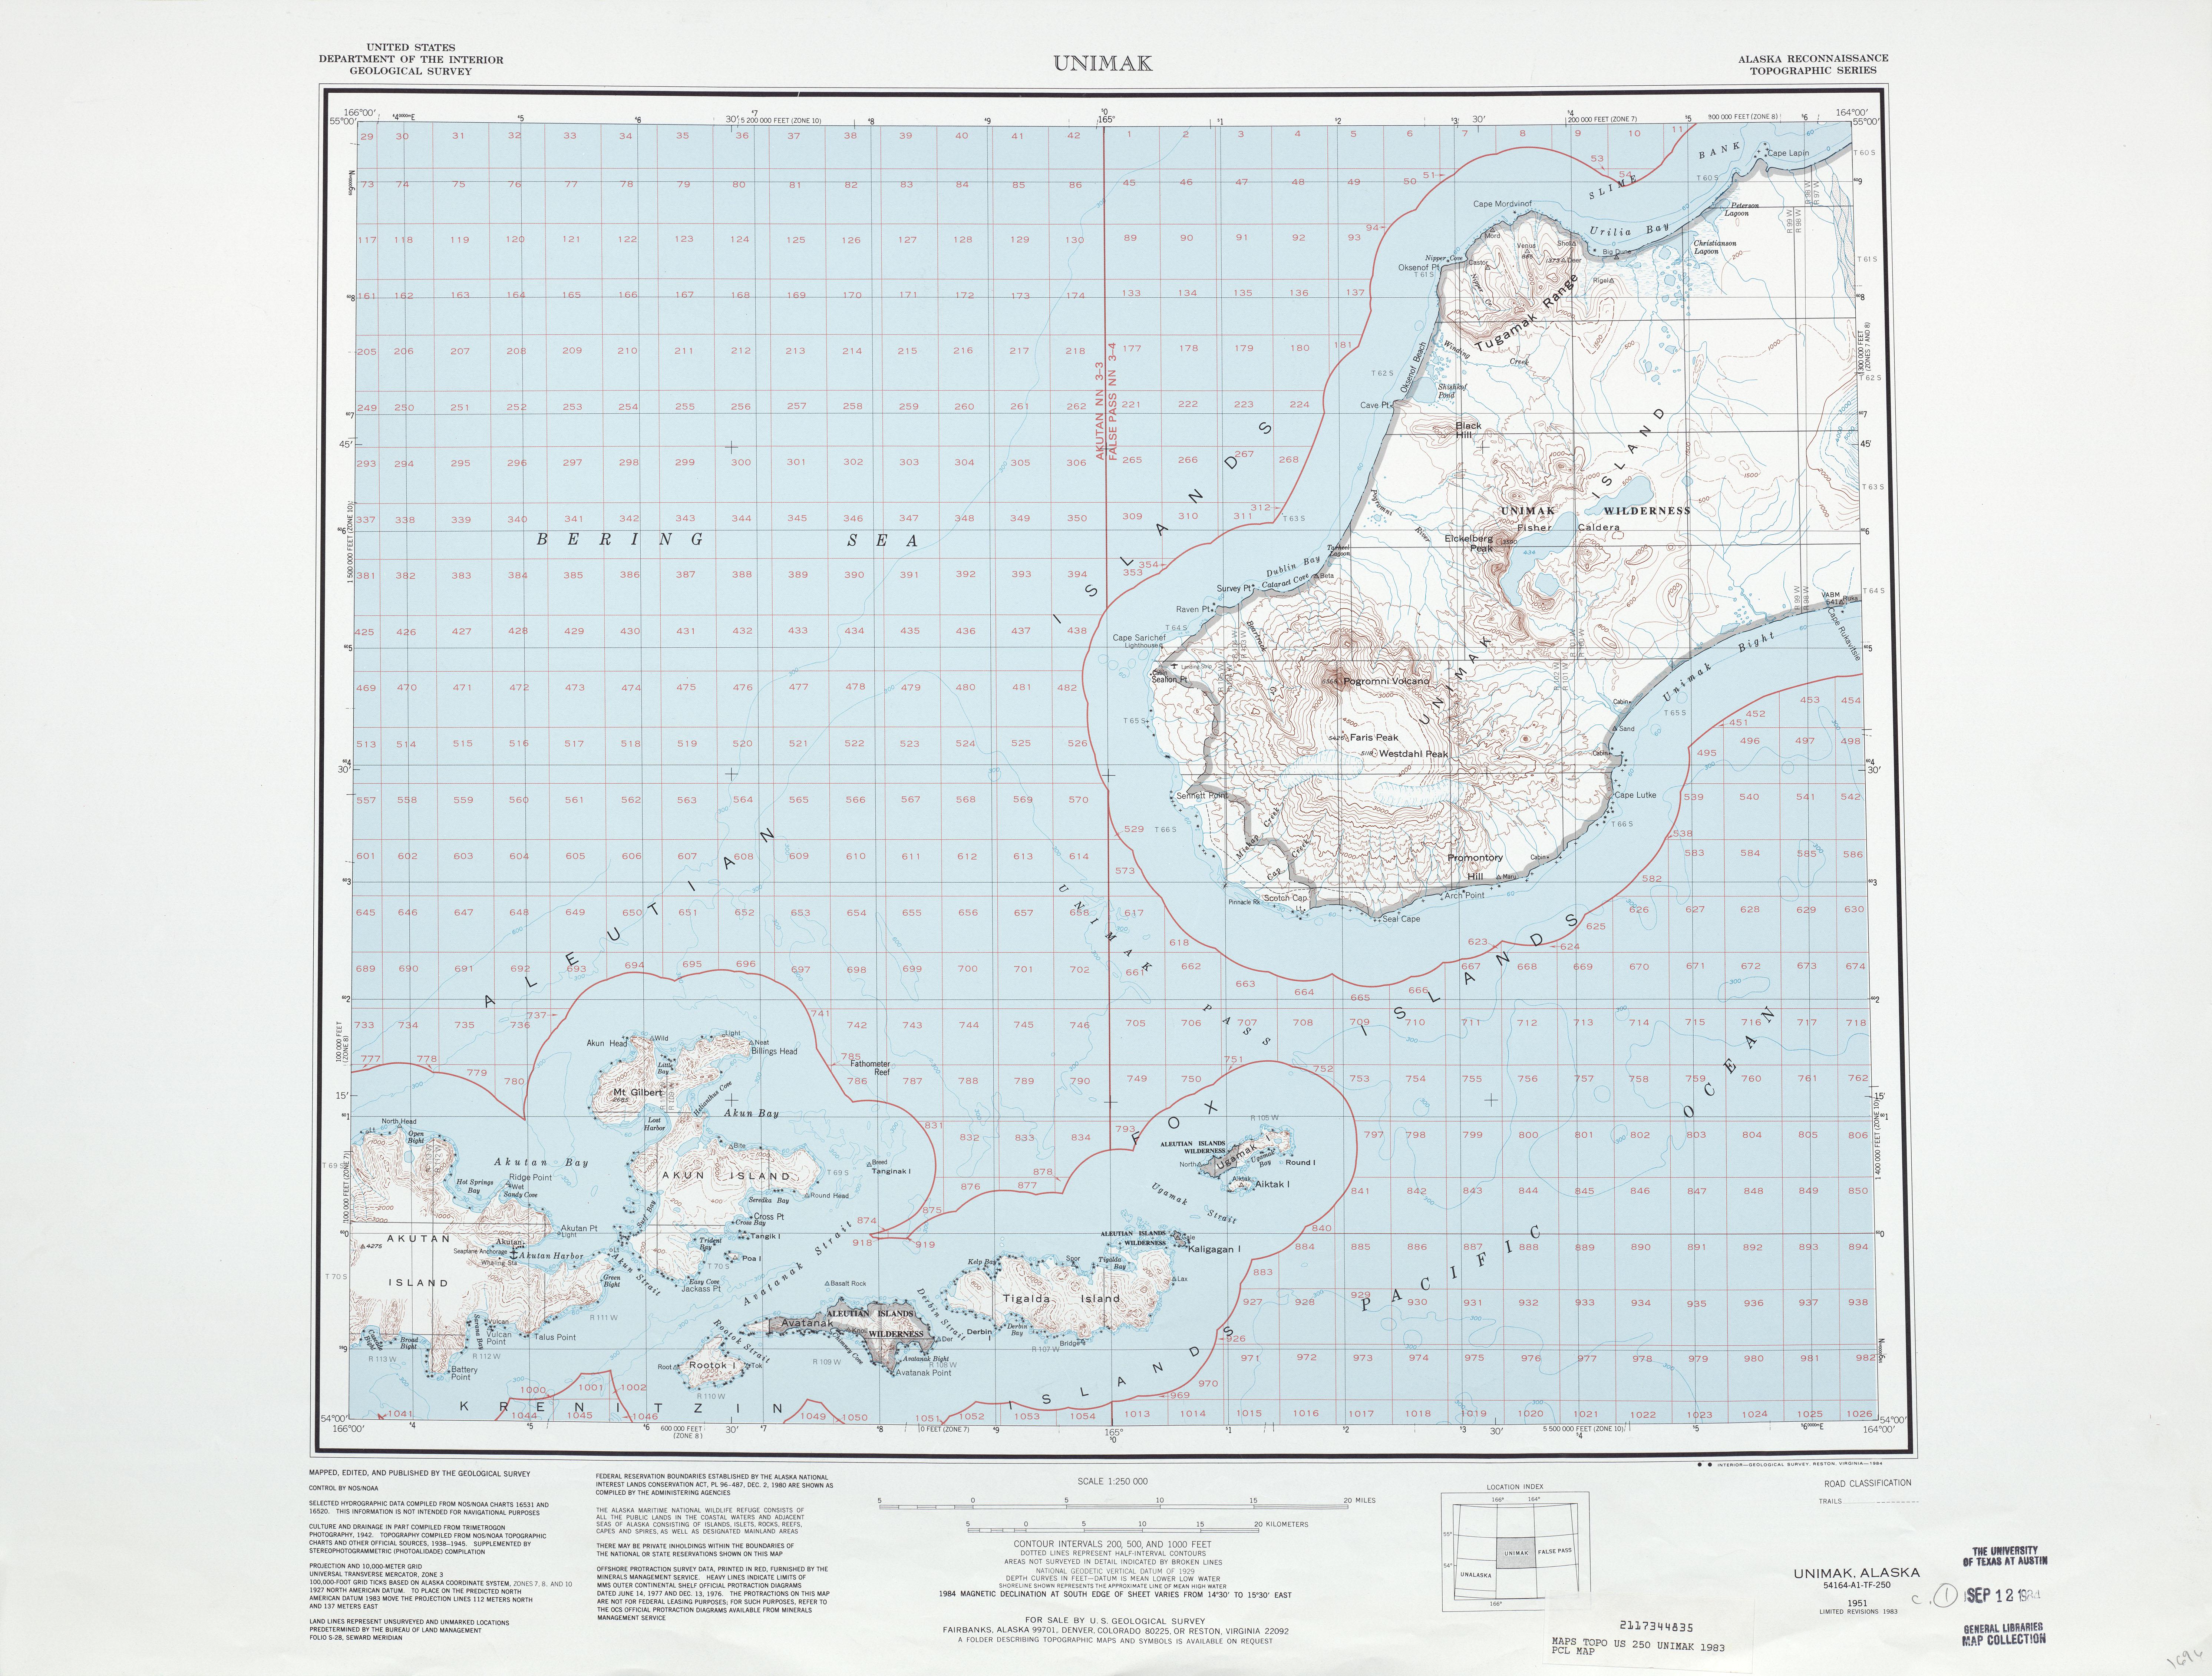 Hoja Unimak del Mapa Topográfico de los Estados Unidos 1983